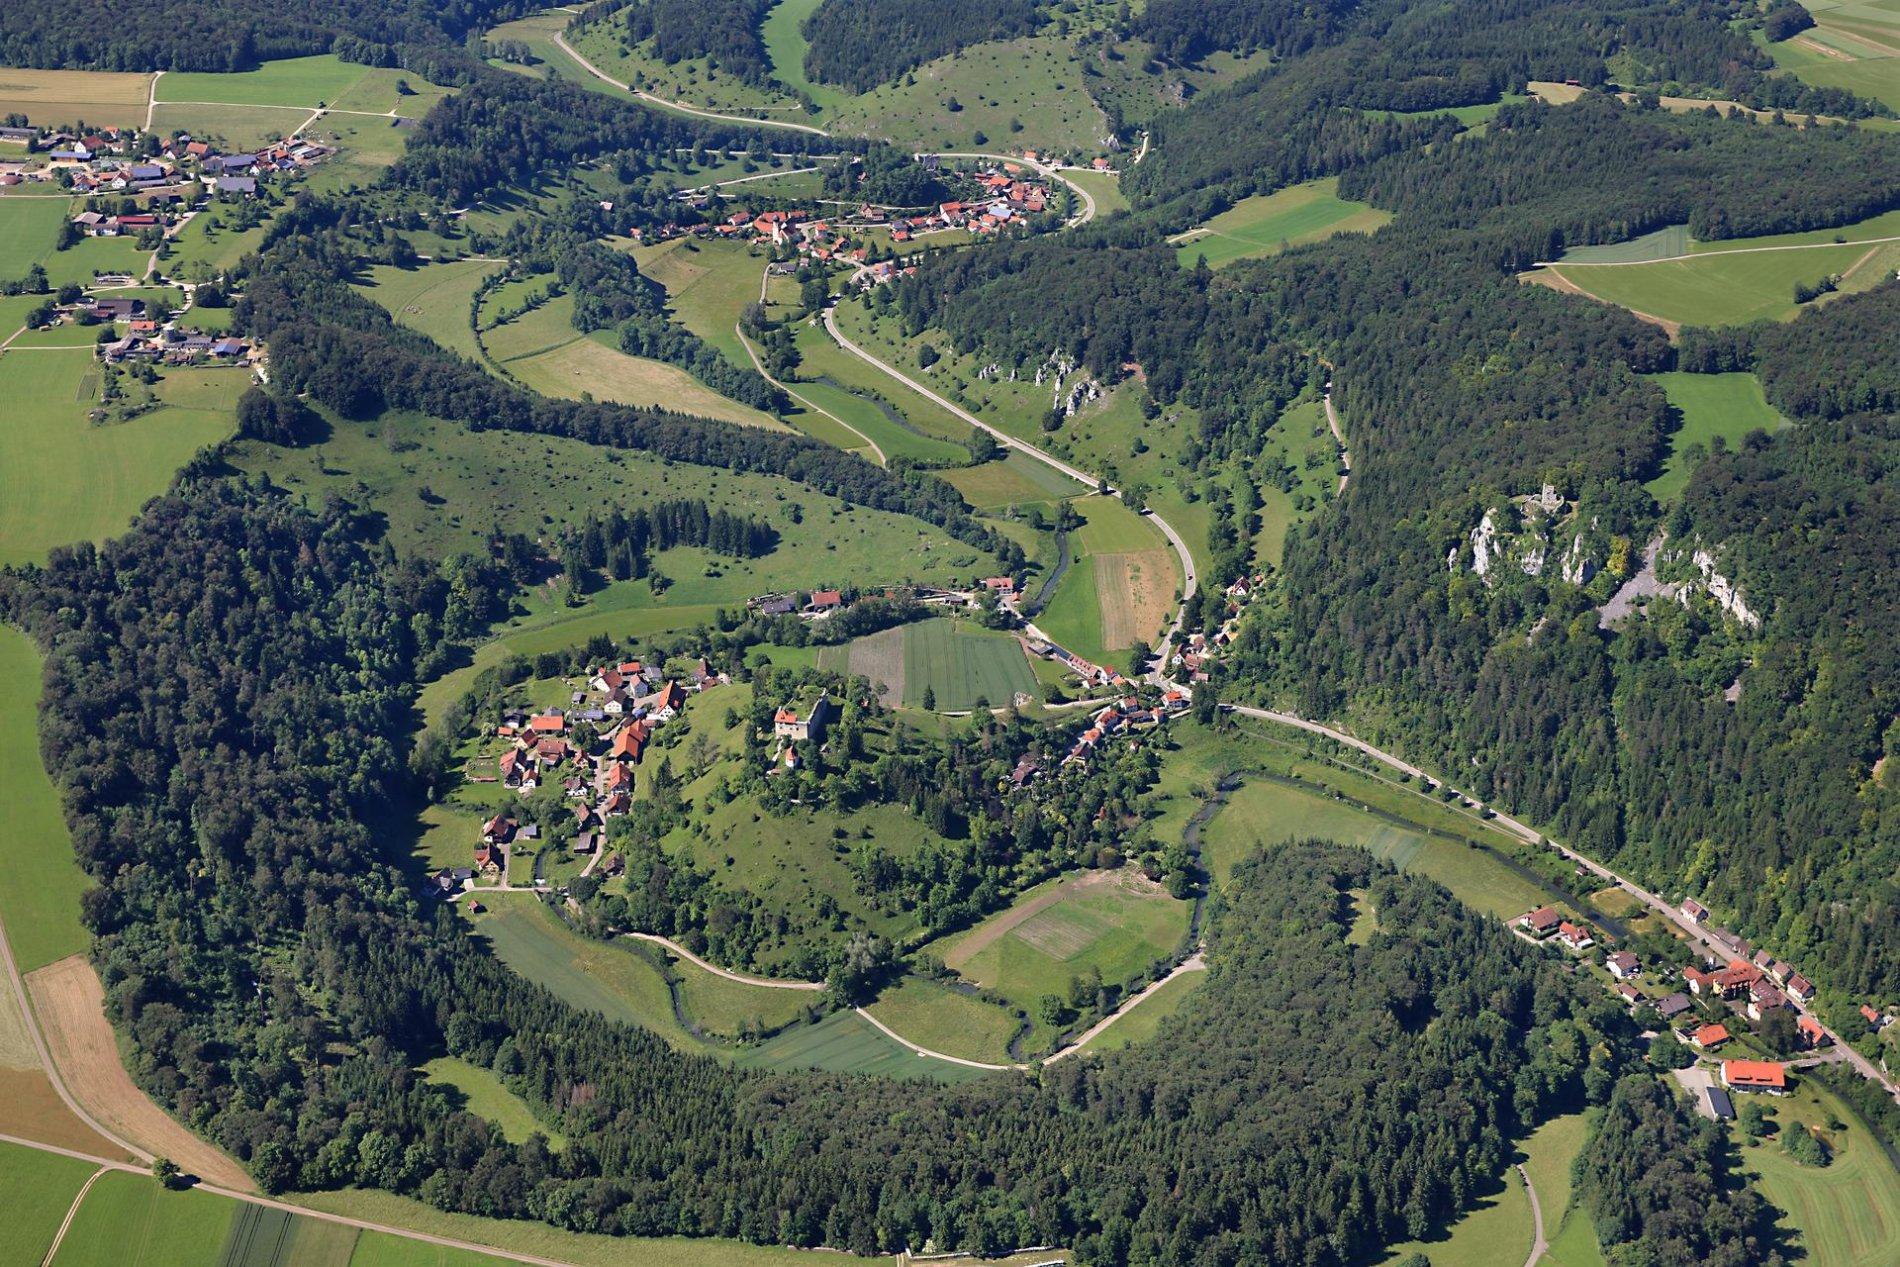 Ein Luftbild von mehreren Häusern, einem Fluss und zwei Burgen. Ringsherum sind Felder und Wälder.